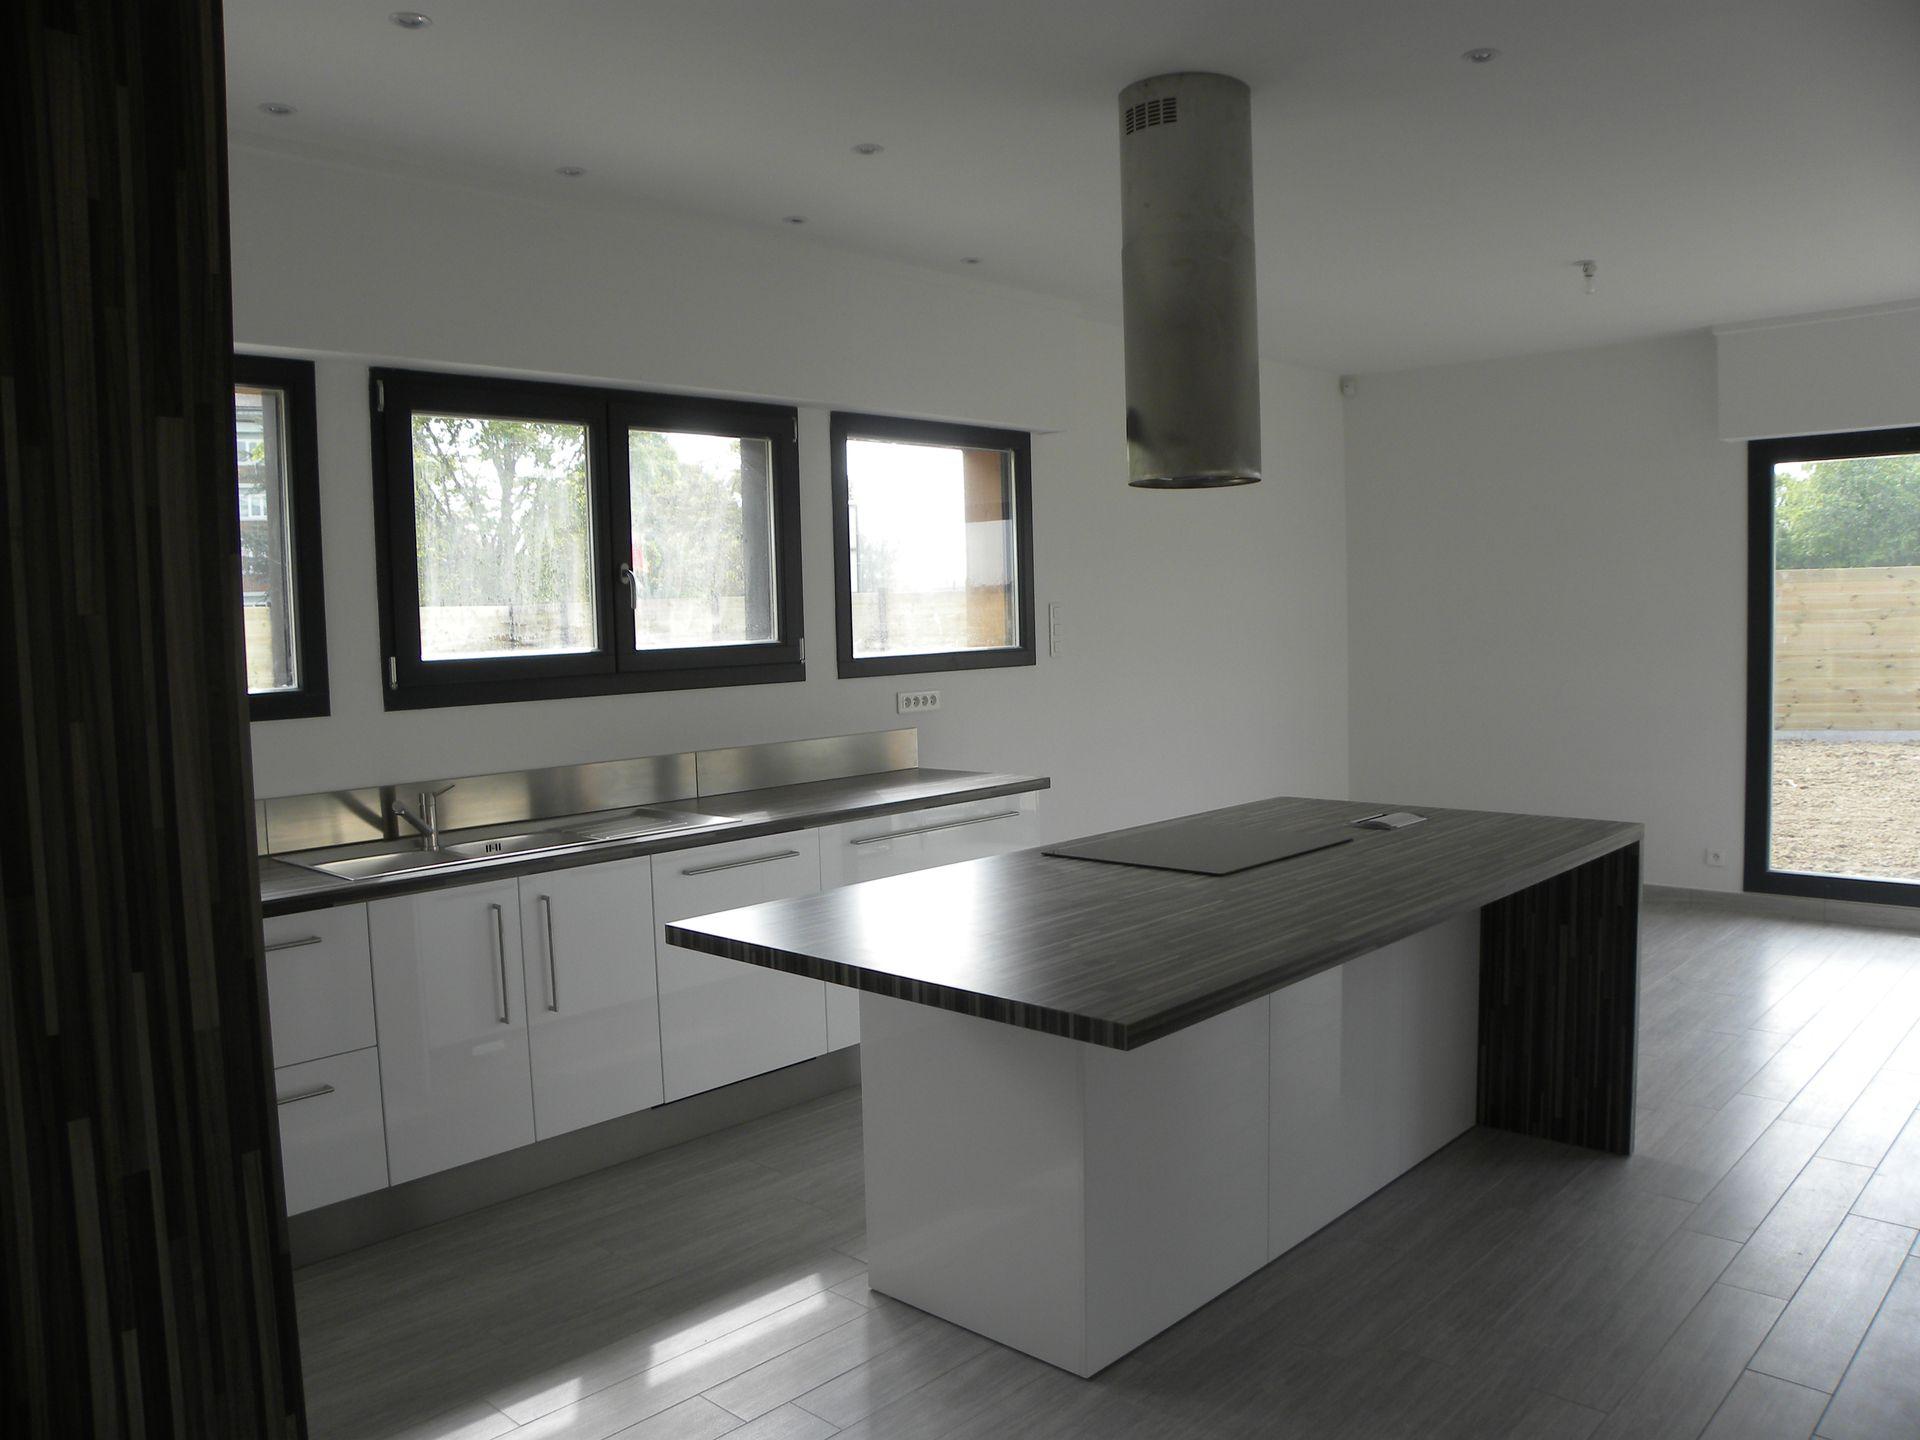 cuisine moderne laqu e blanc brillant gilles martel. Black Bedroom Furniture Sets. Home Design Ideas